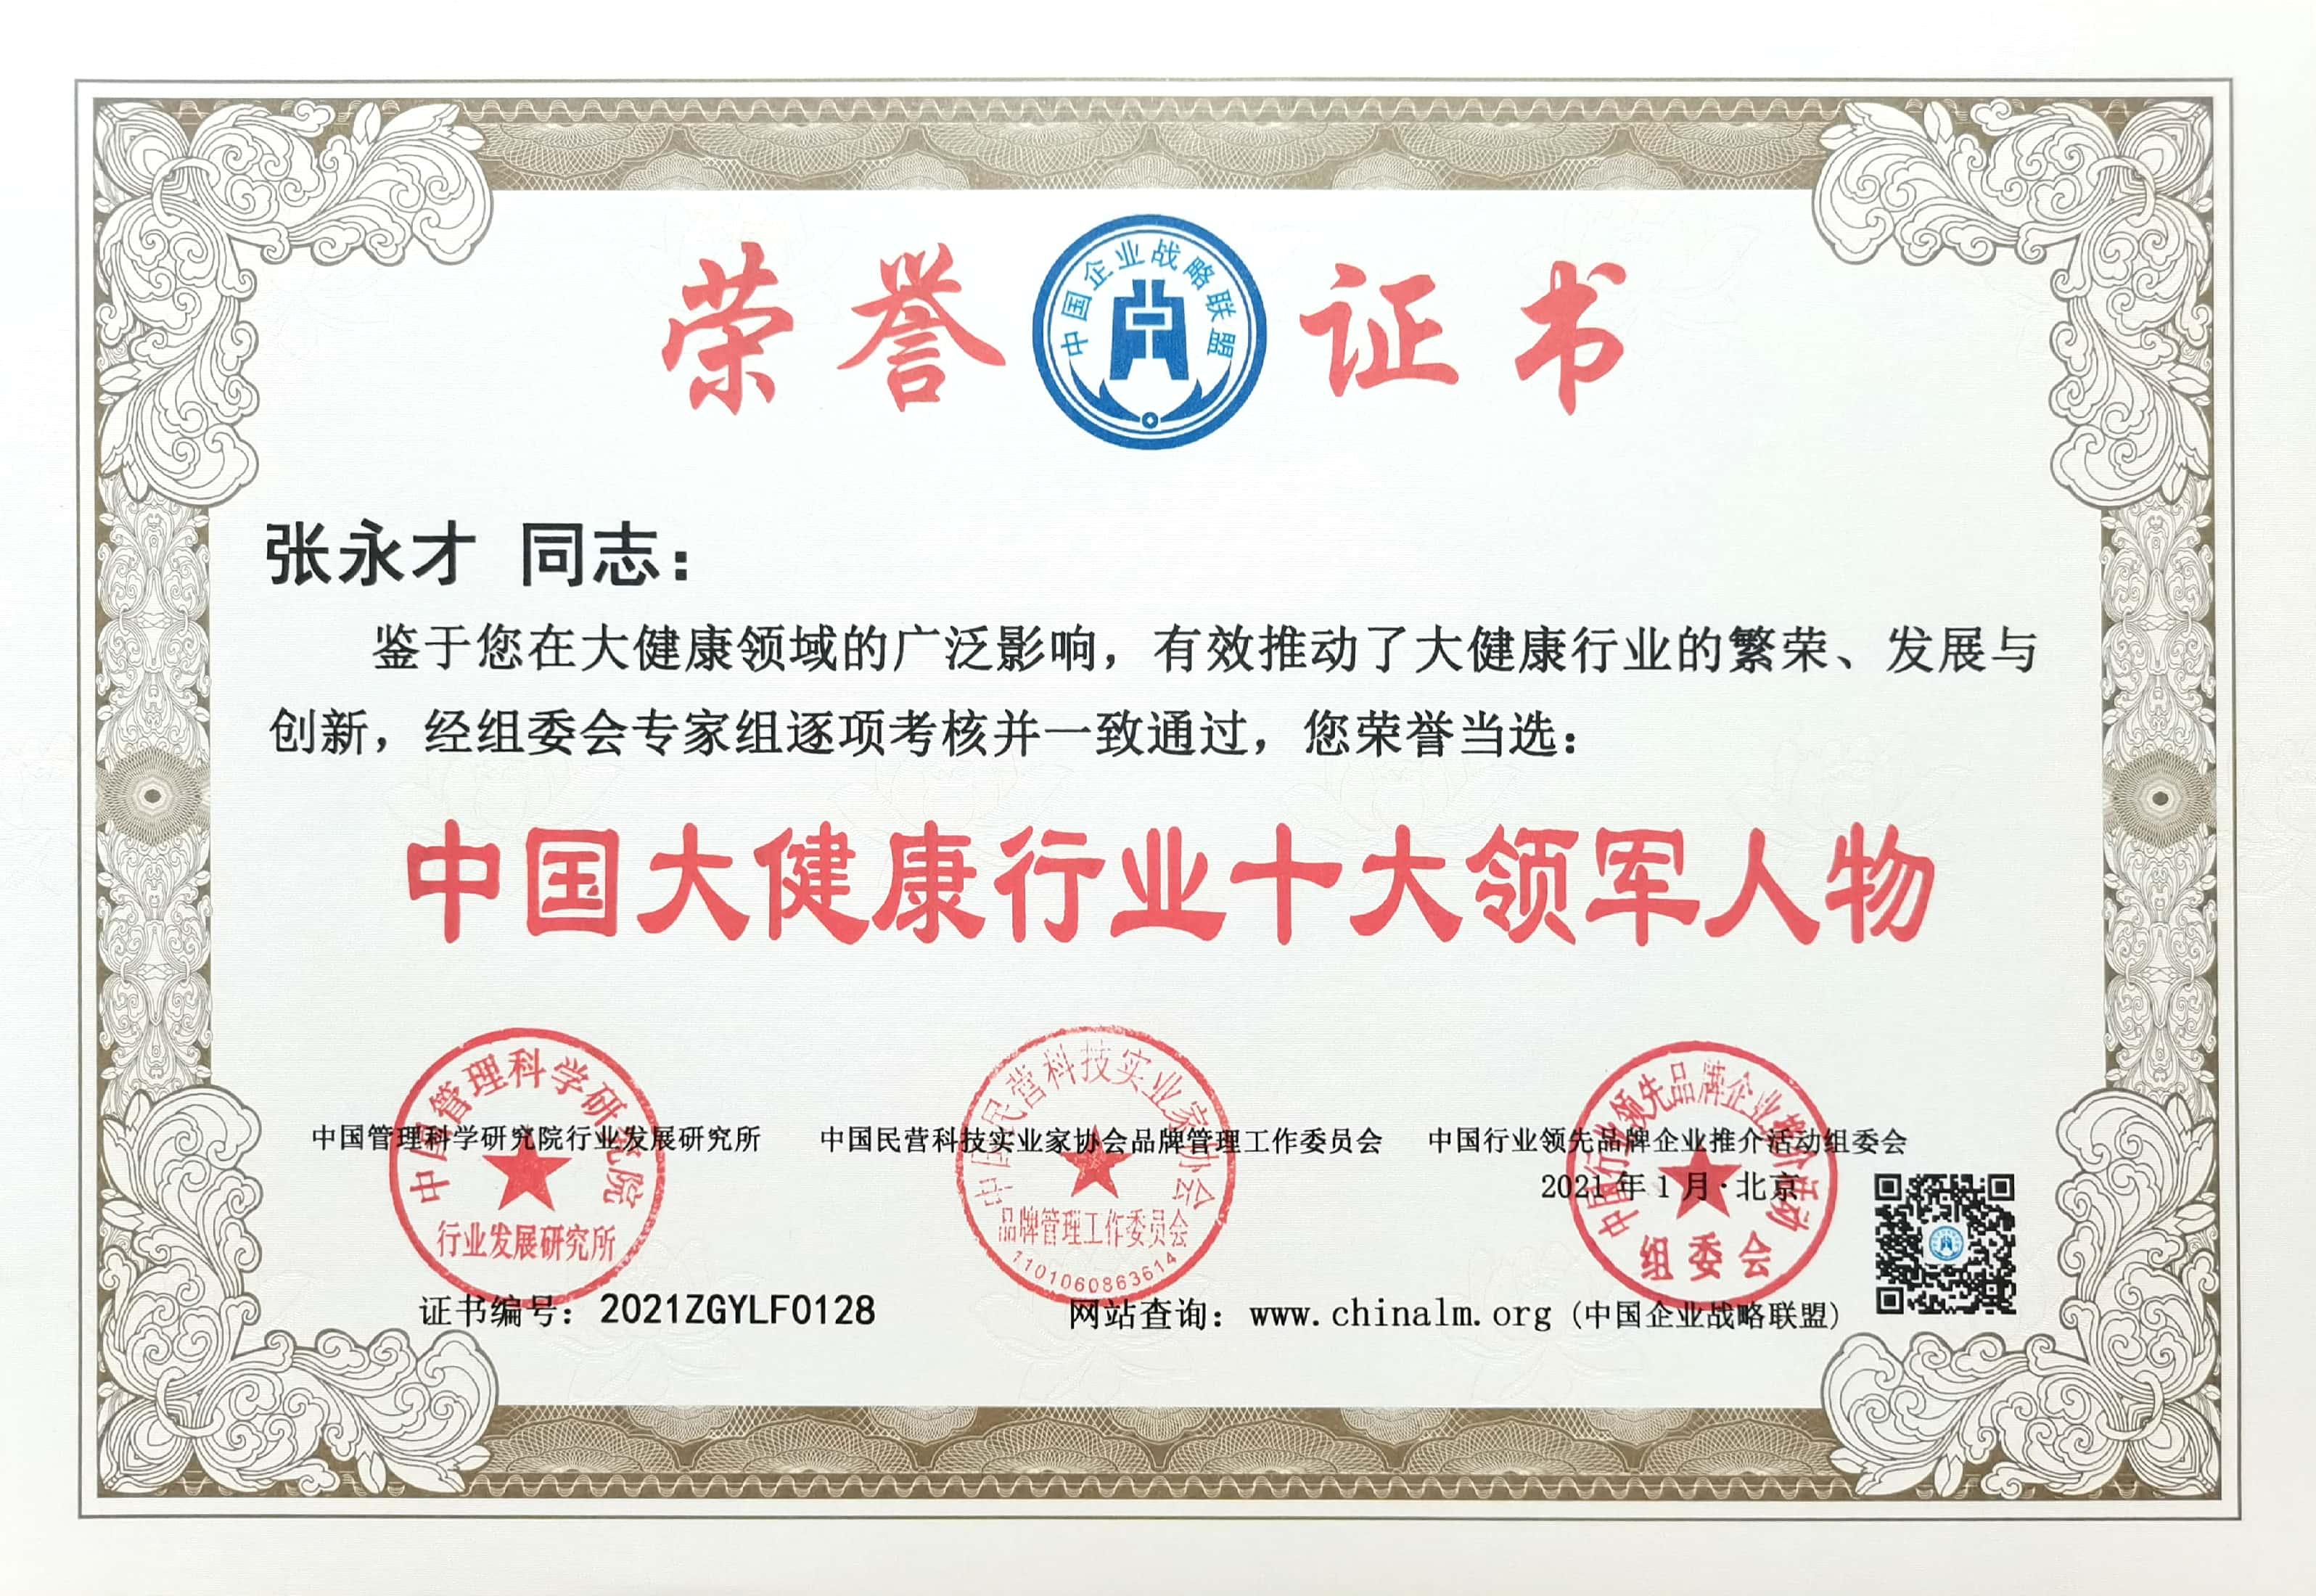 """张永才先生被评为""""中国大健康行业十大领军人物""""荣誉称号!"""